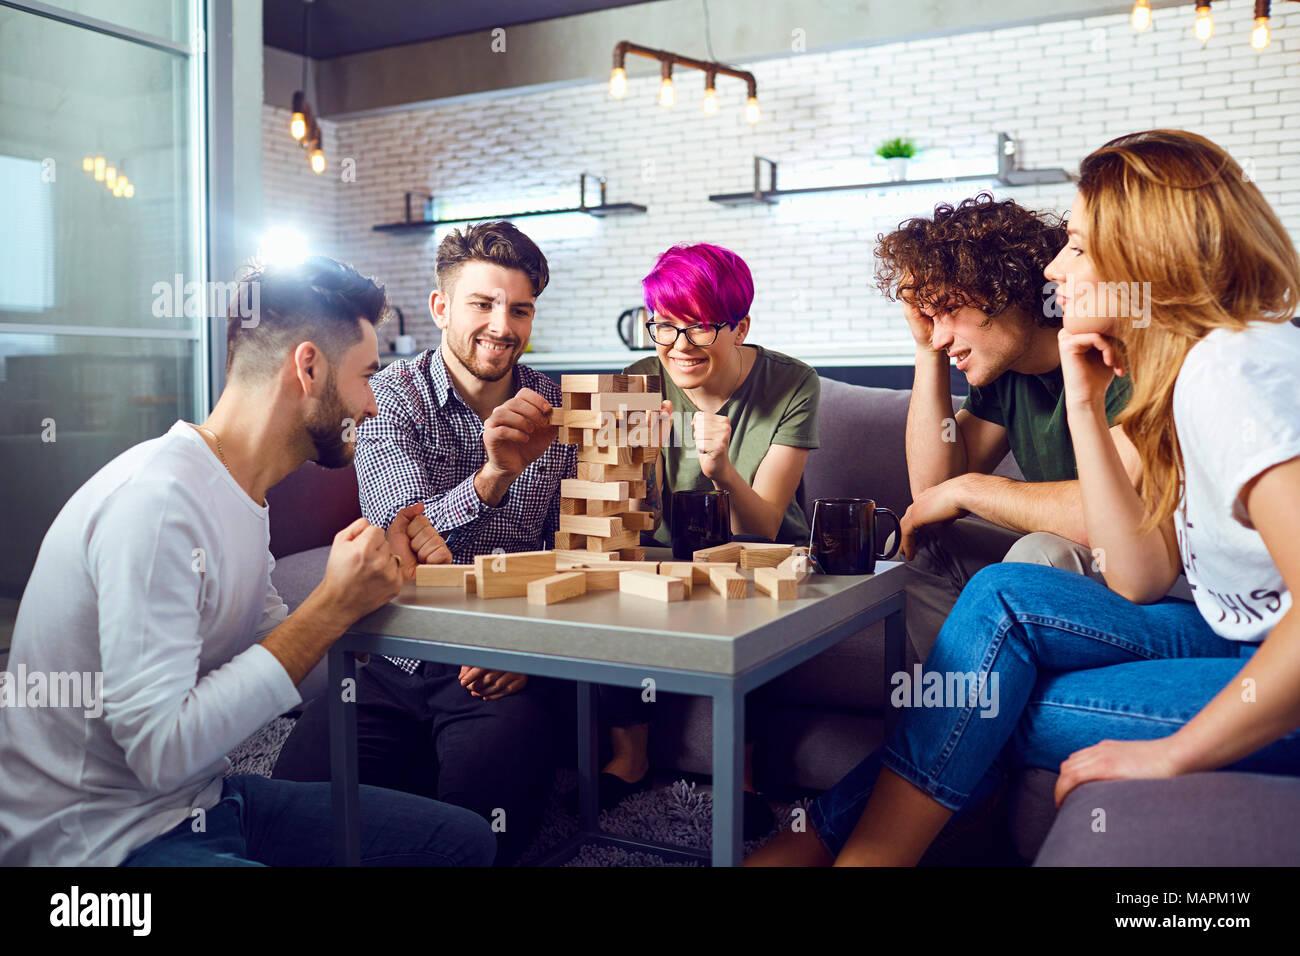 Un gruppo di amici giocare a giochi da tavolo in camera. Immagini Stock